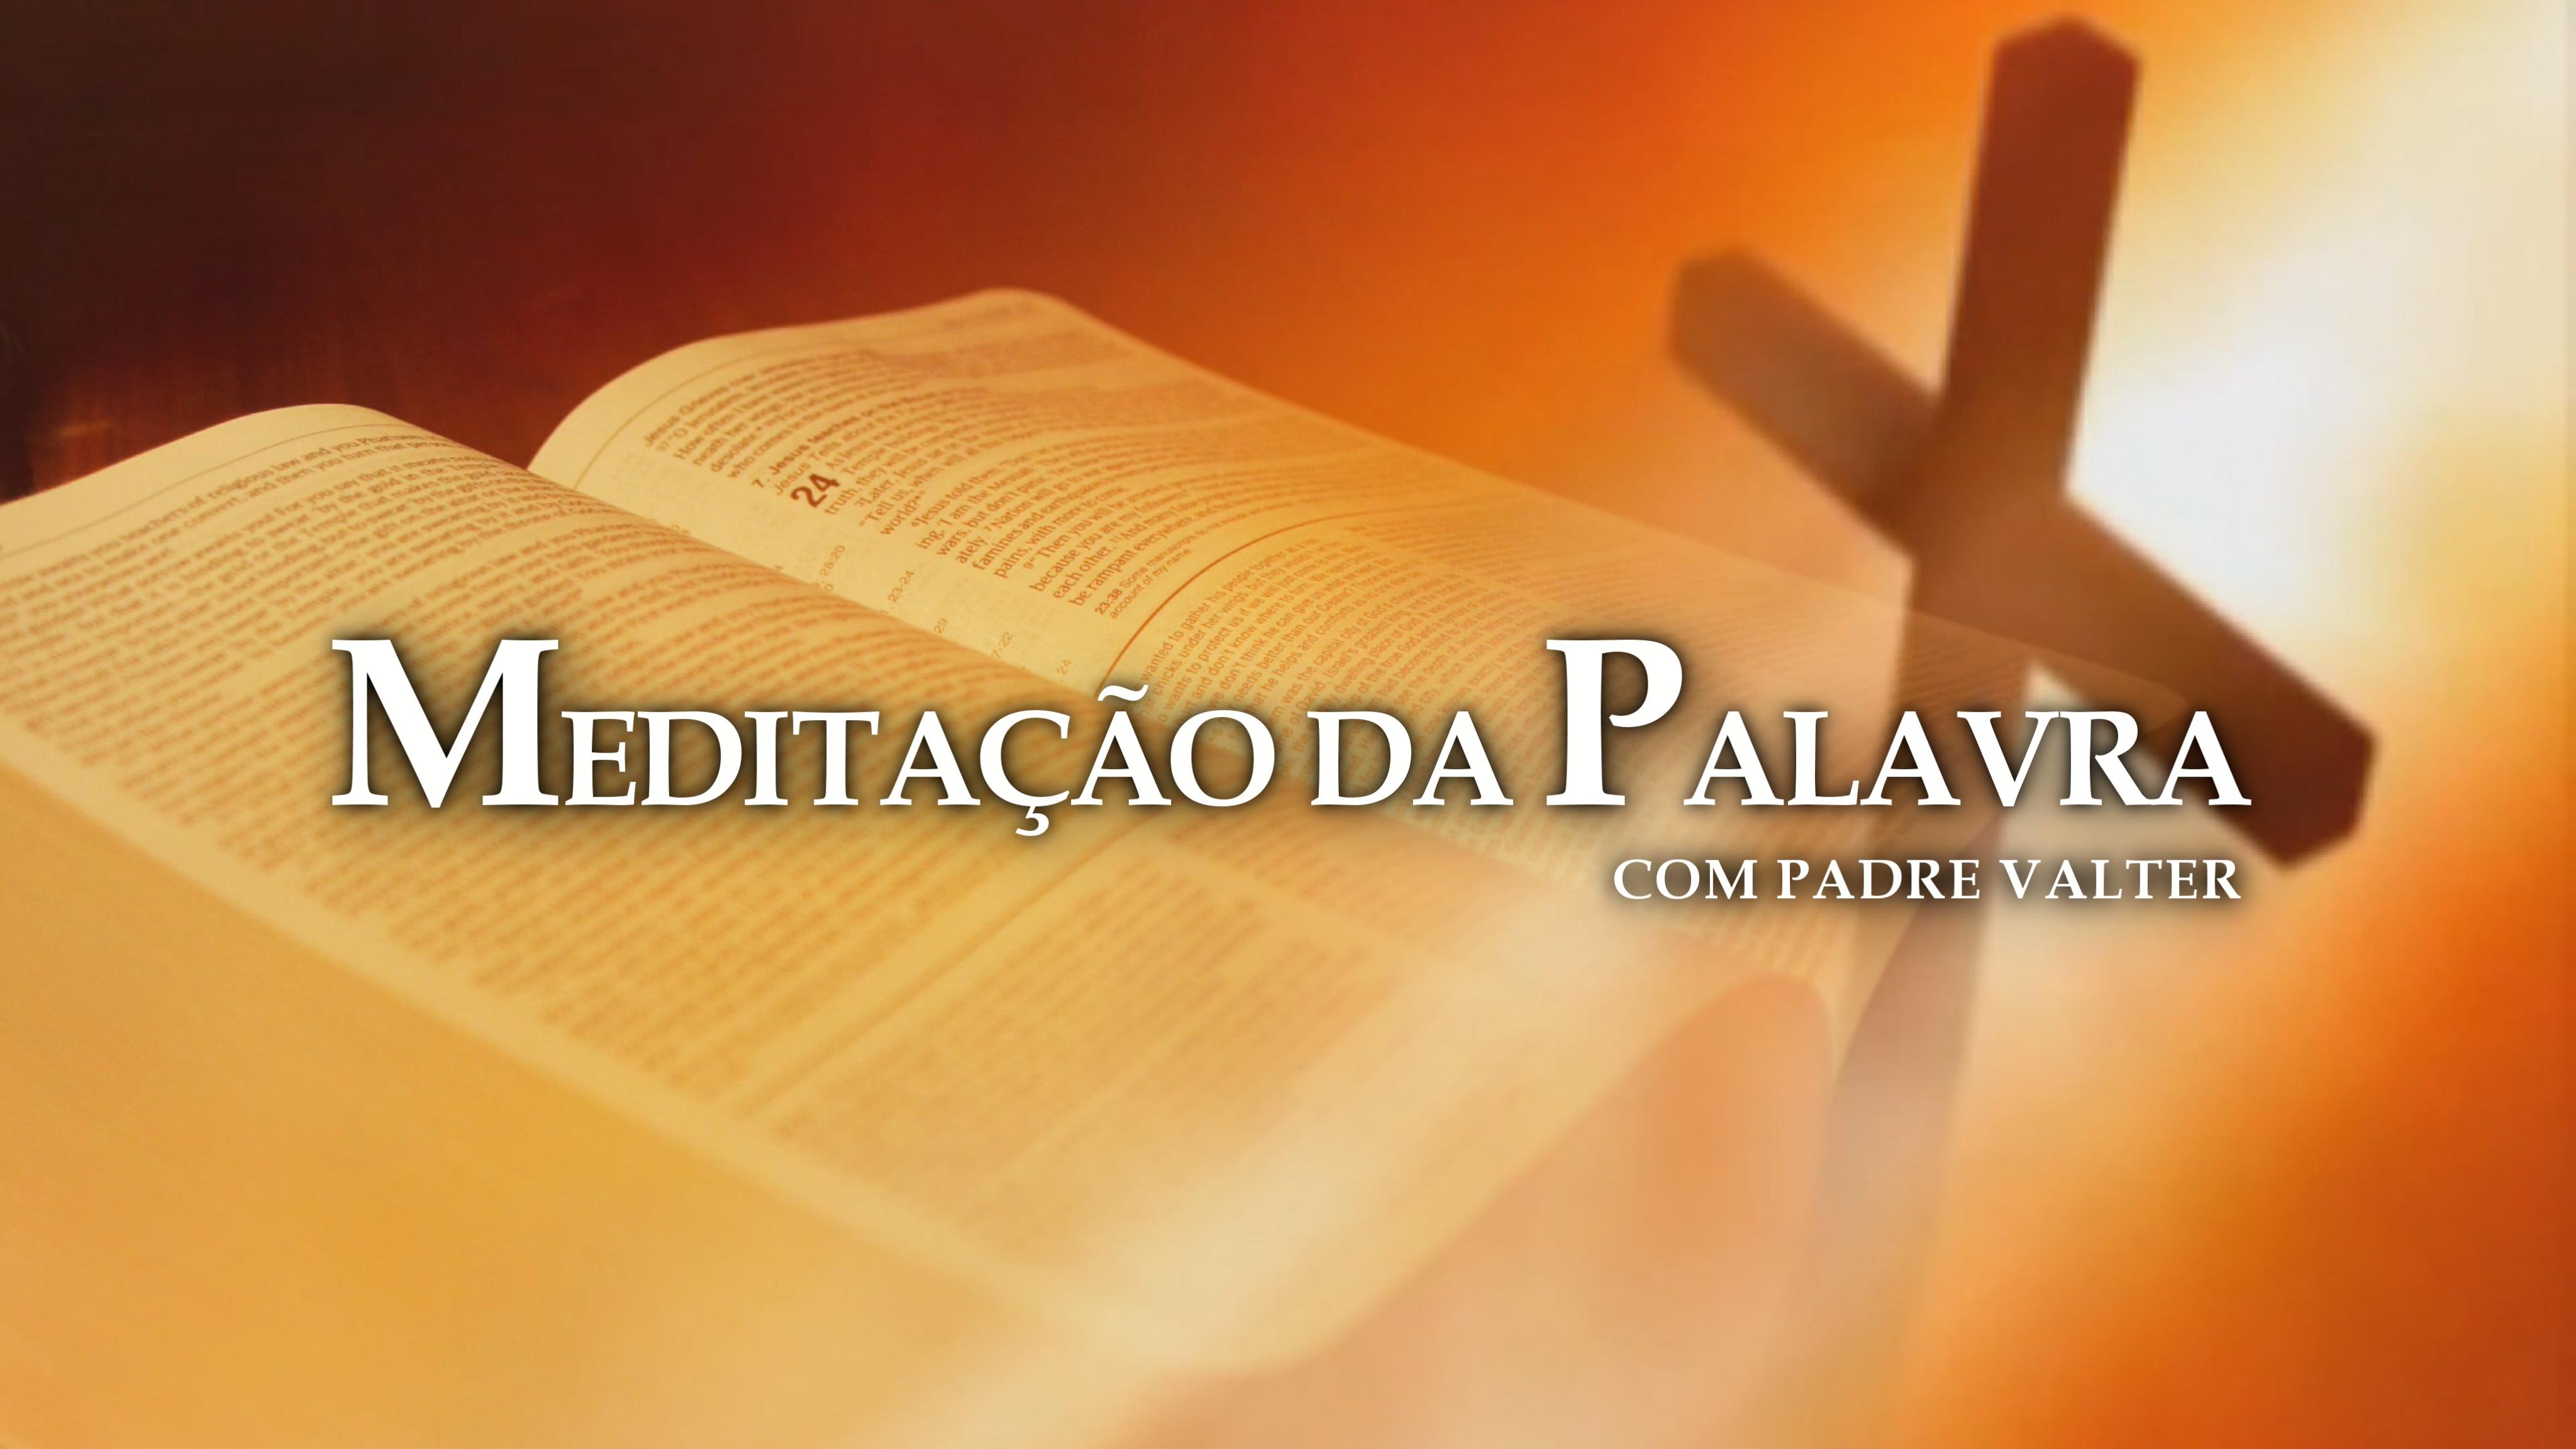 MEDITAÇÃO DA PALAVRA